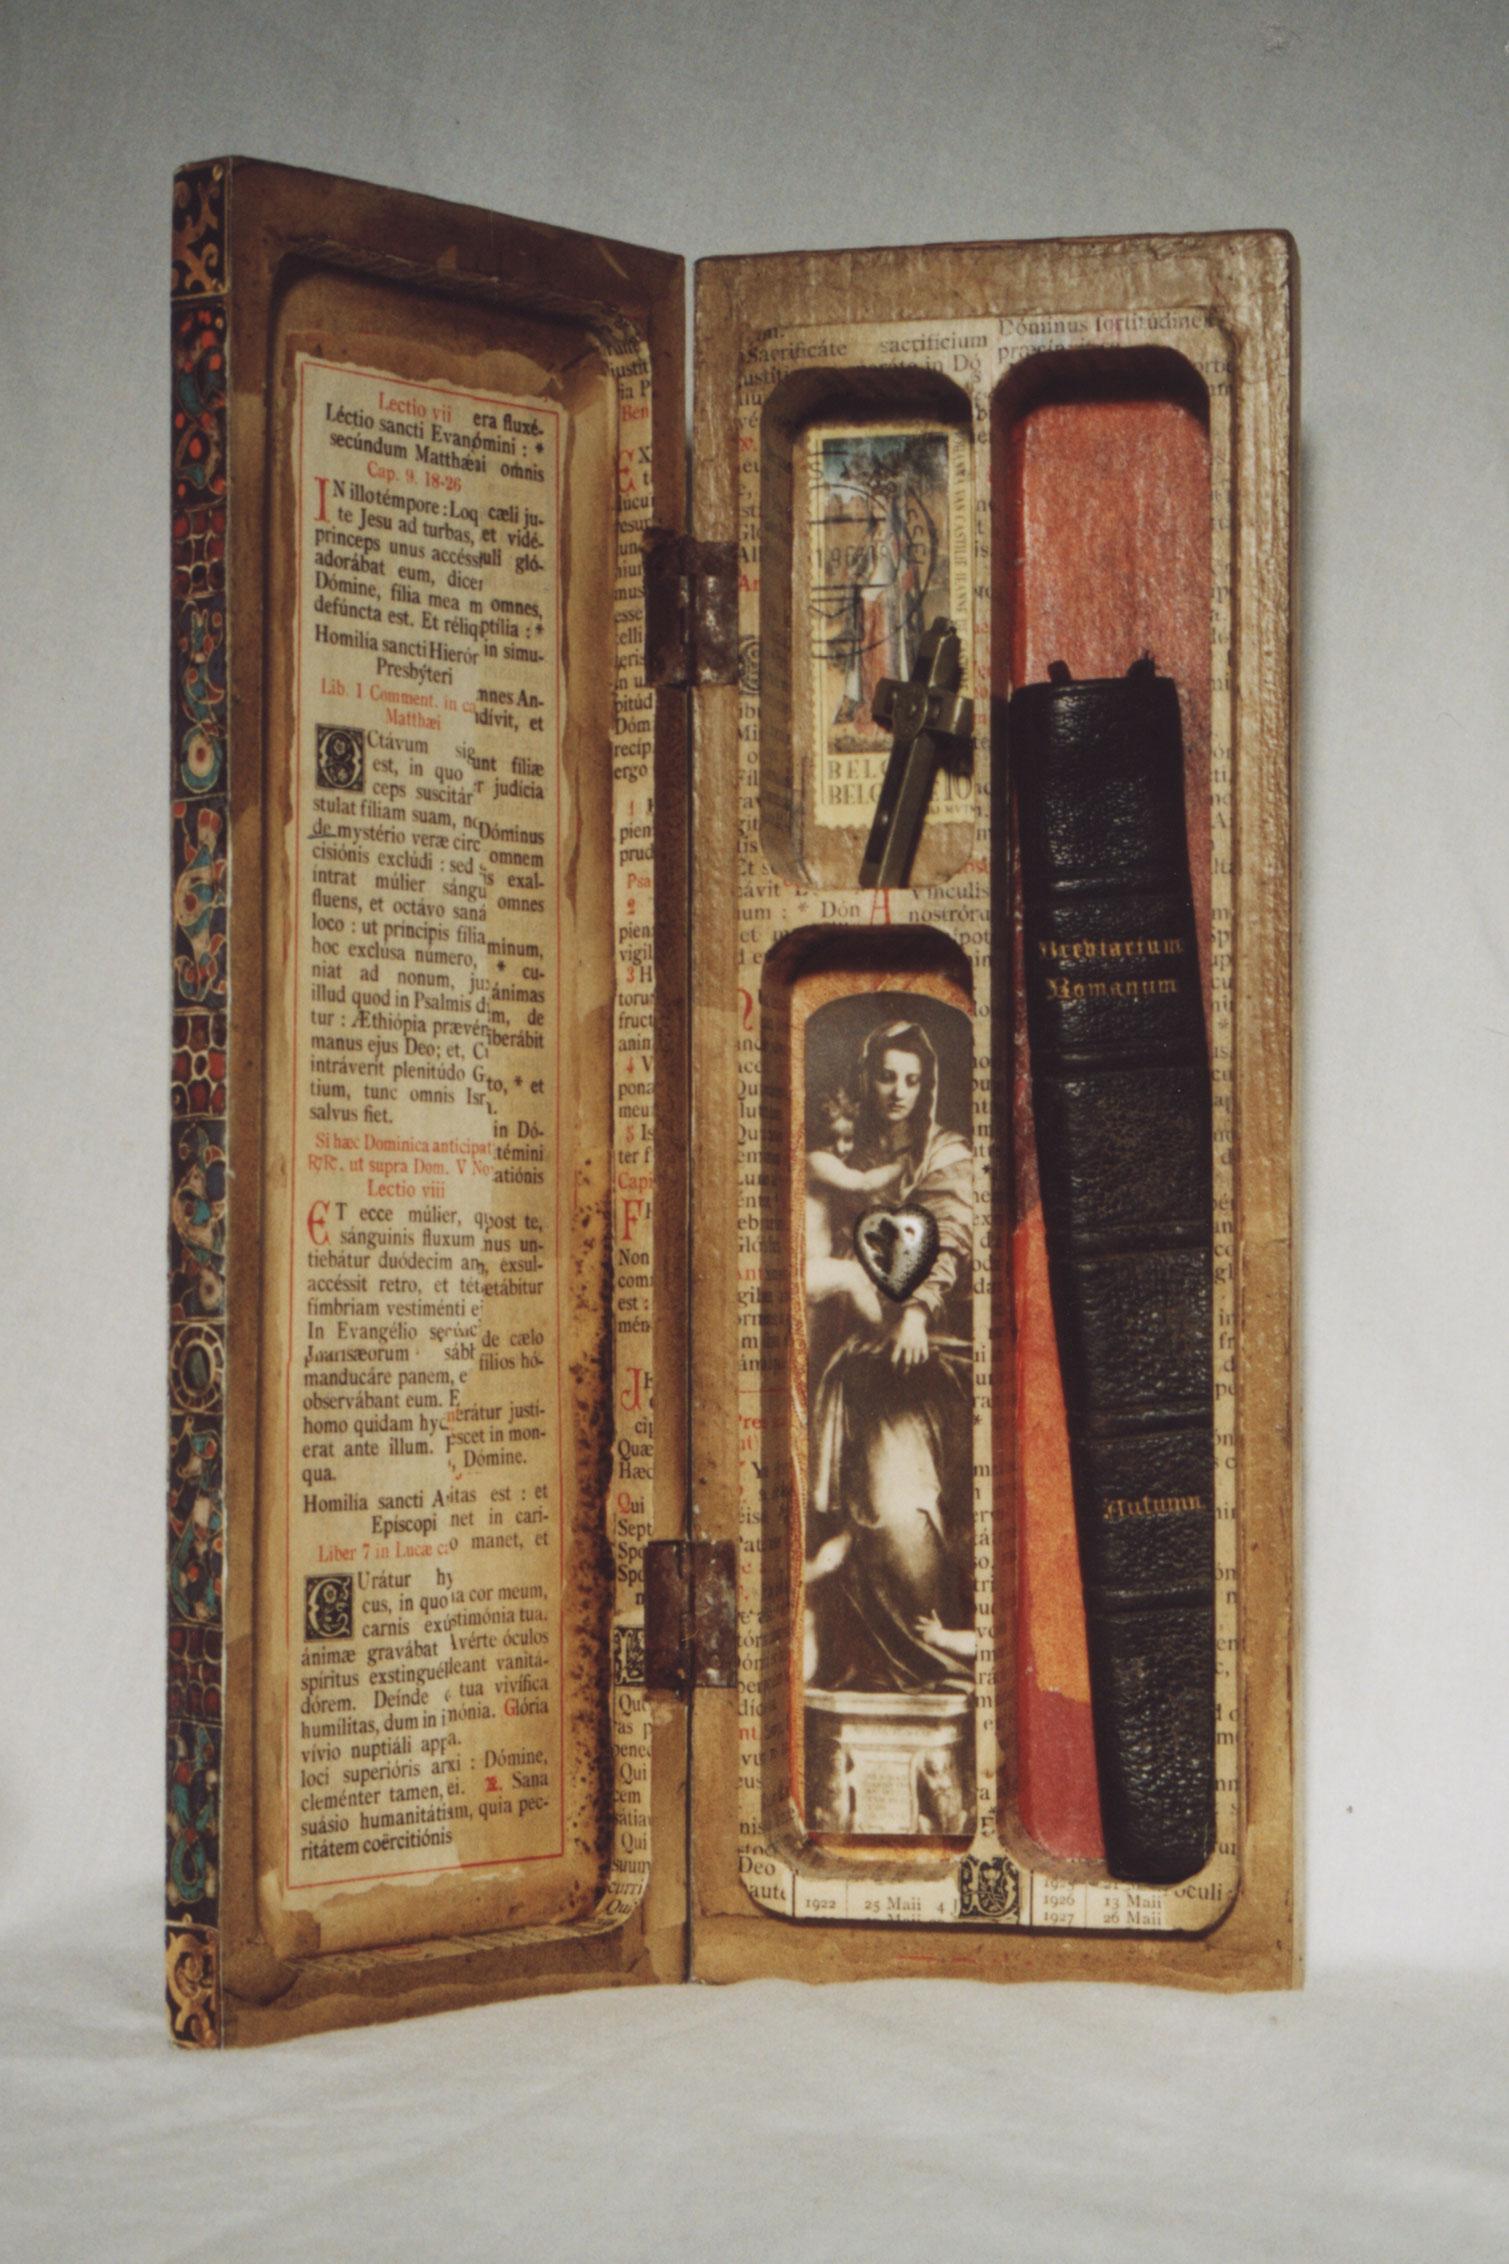 DE LAATSTE KATHOLIEKEN EEN ANTWERPEN / THE LAST CATHOLICS IN ANTWERP 9″ x 3″ x 1.25″